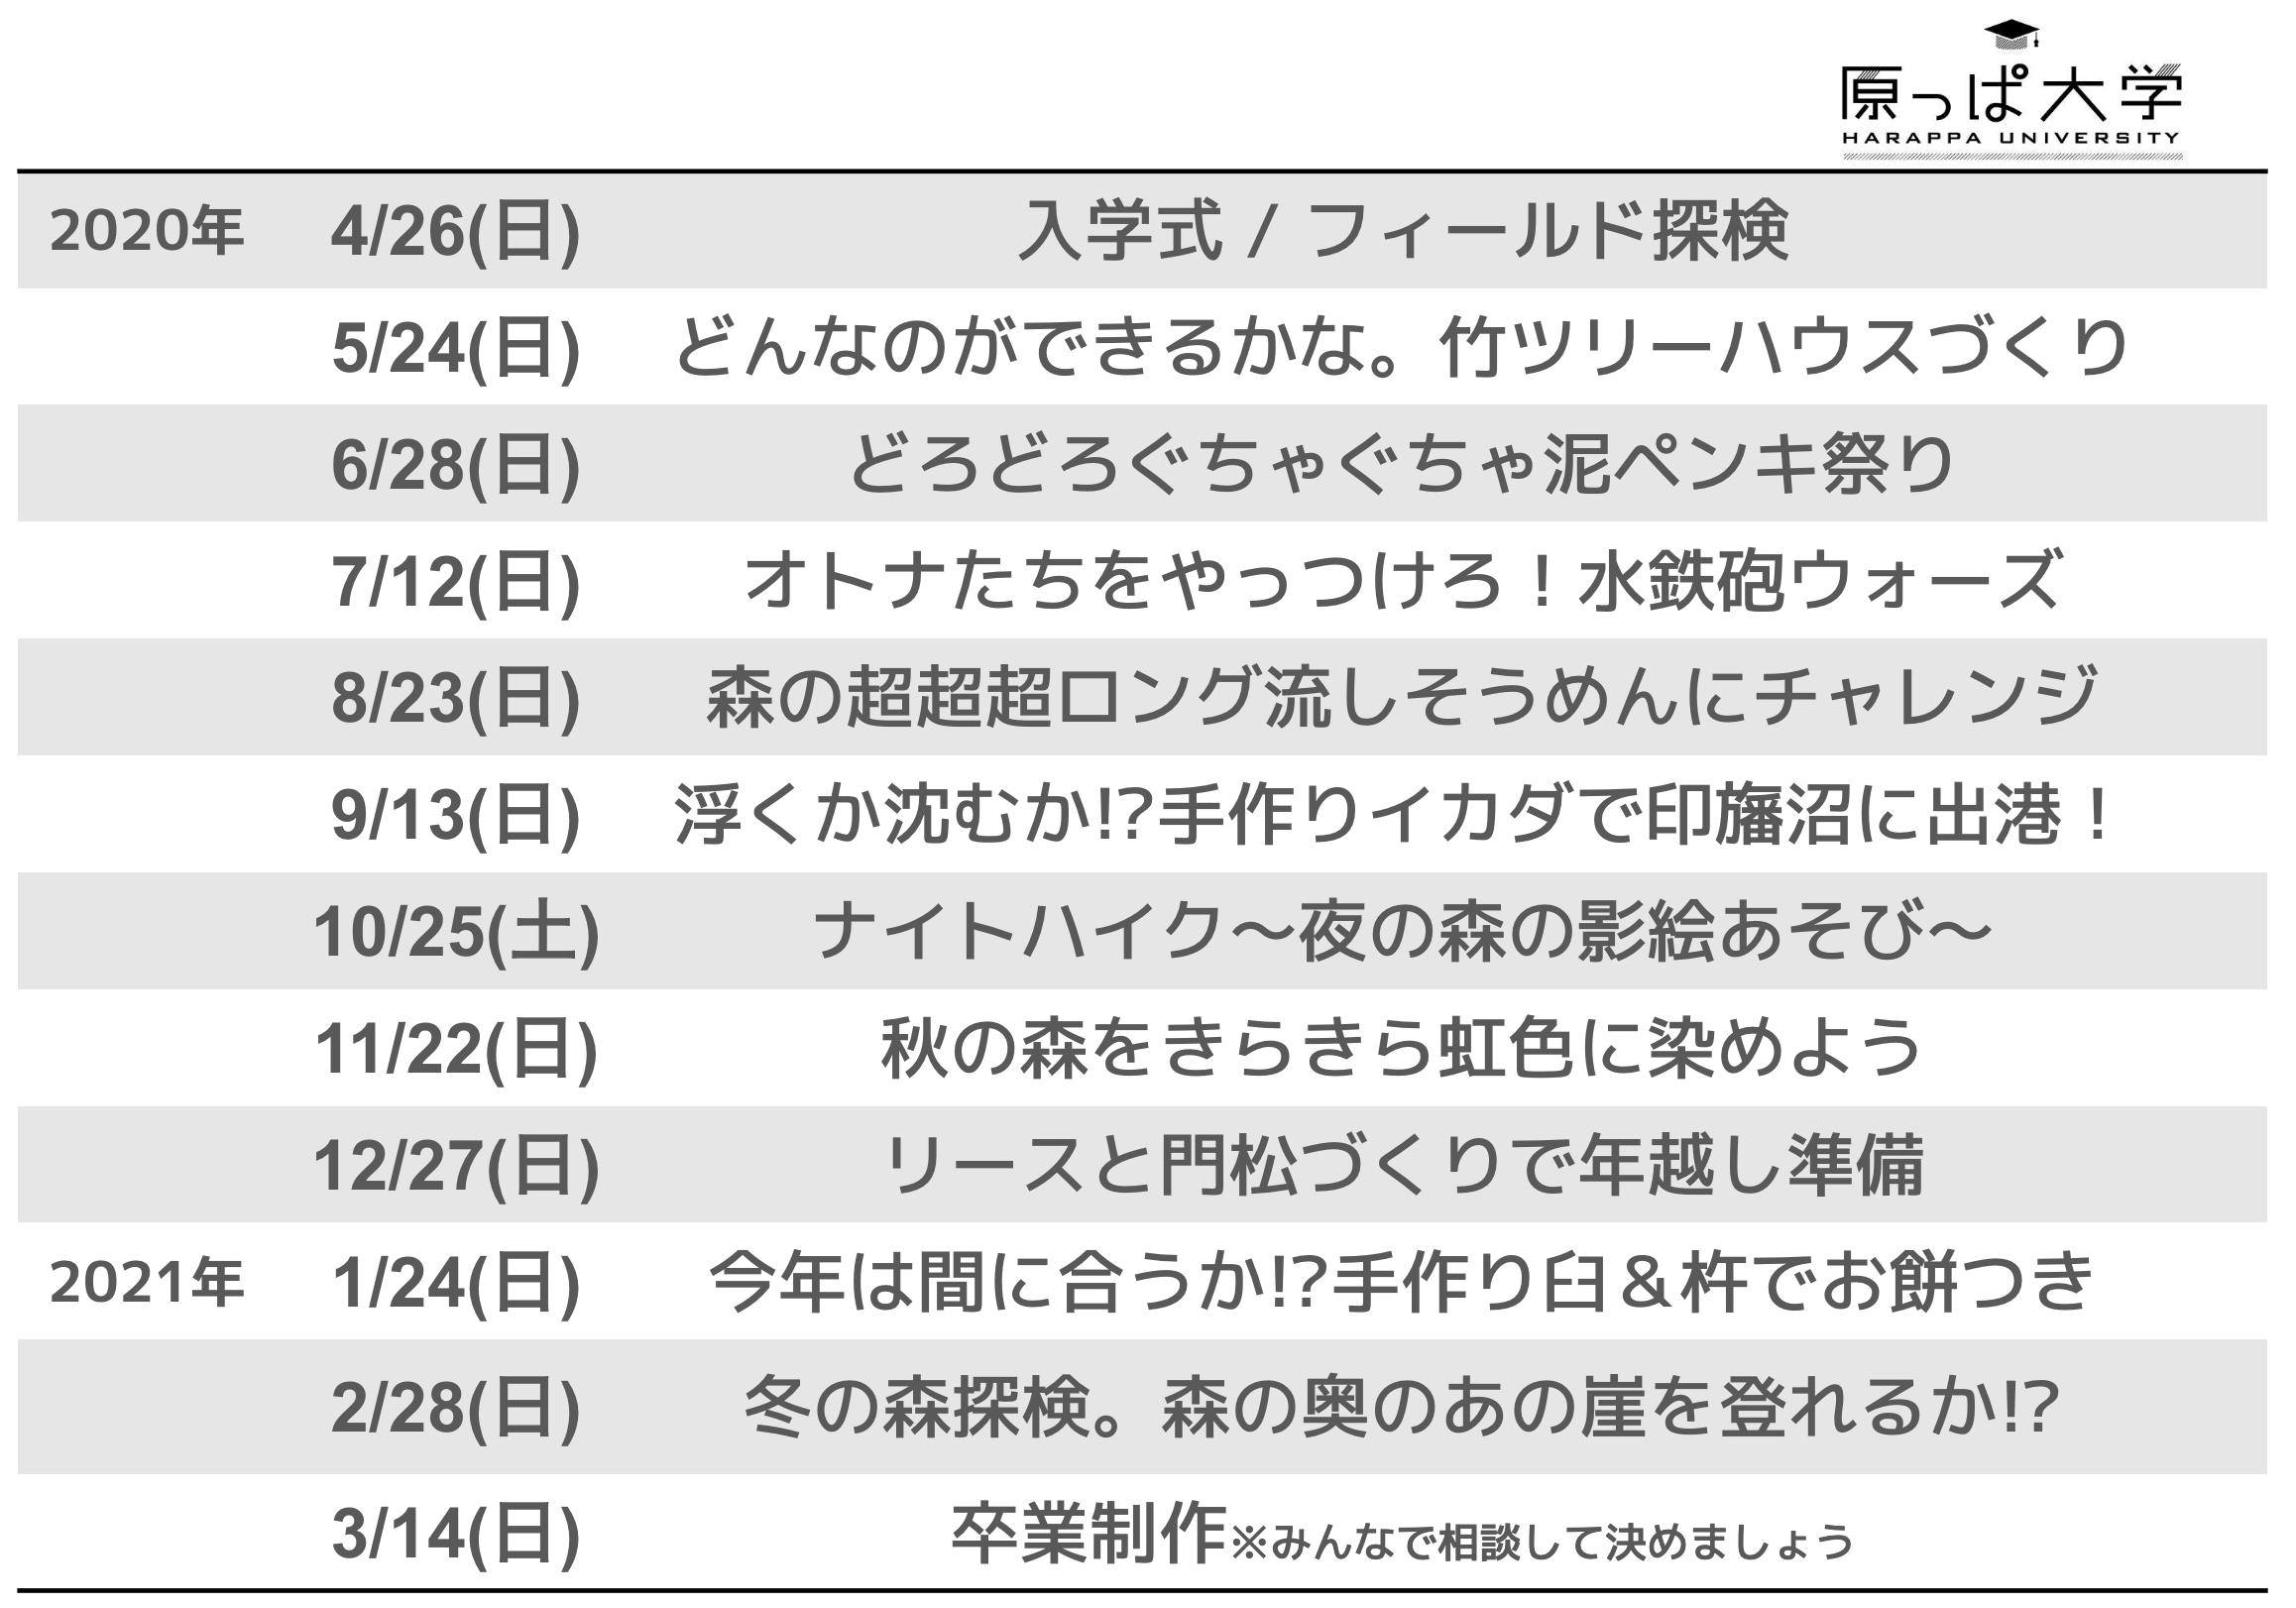 schedule2020